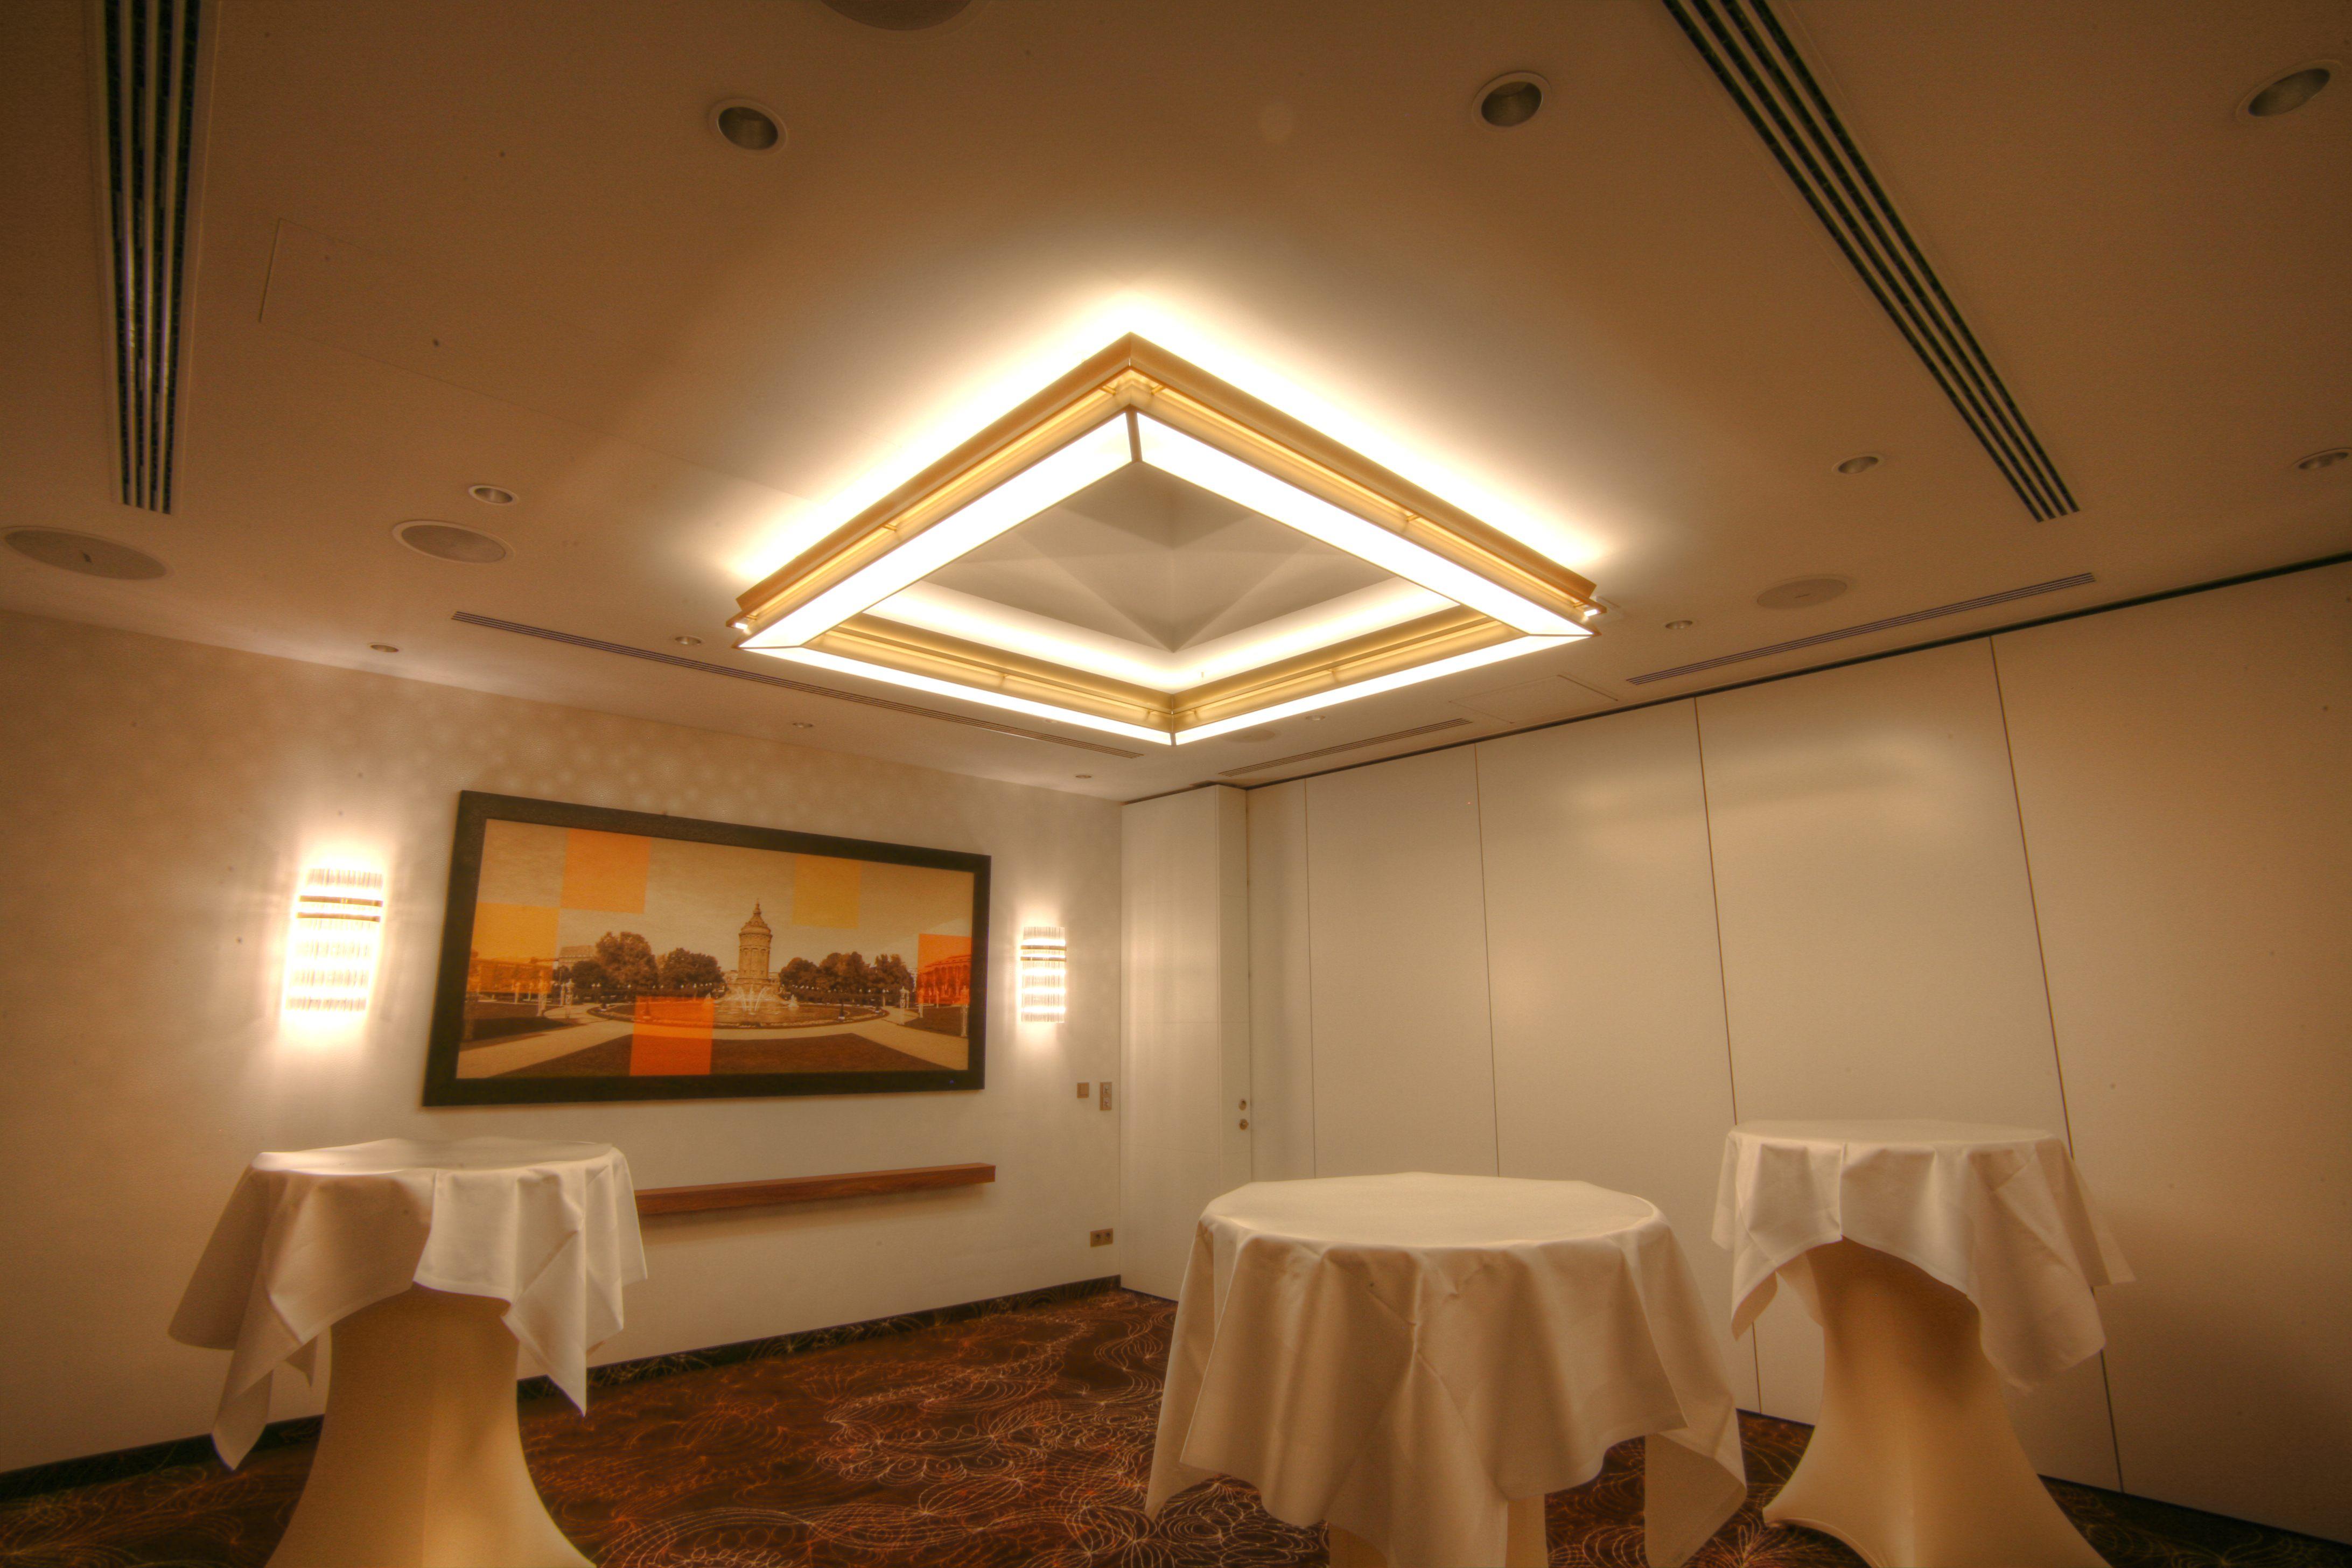 Leuchten Best Western Plus Delta Park Hotel - Mannheim